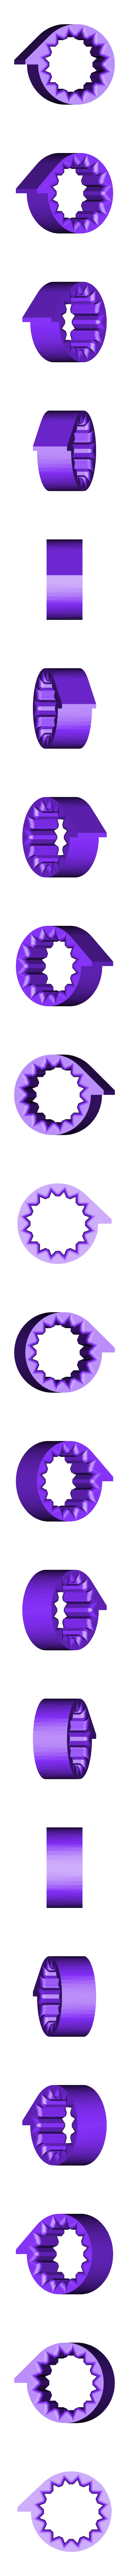 Cam_bolt_16b_1beat.STL Télécharger fichier STL gratuit Mon 3D (Dream Drum Design) • Objet pour imprimante 3D, Tanleste46